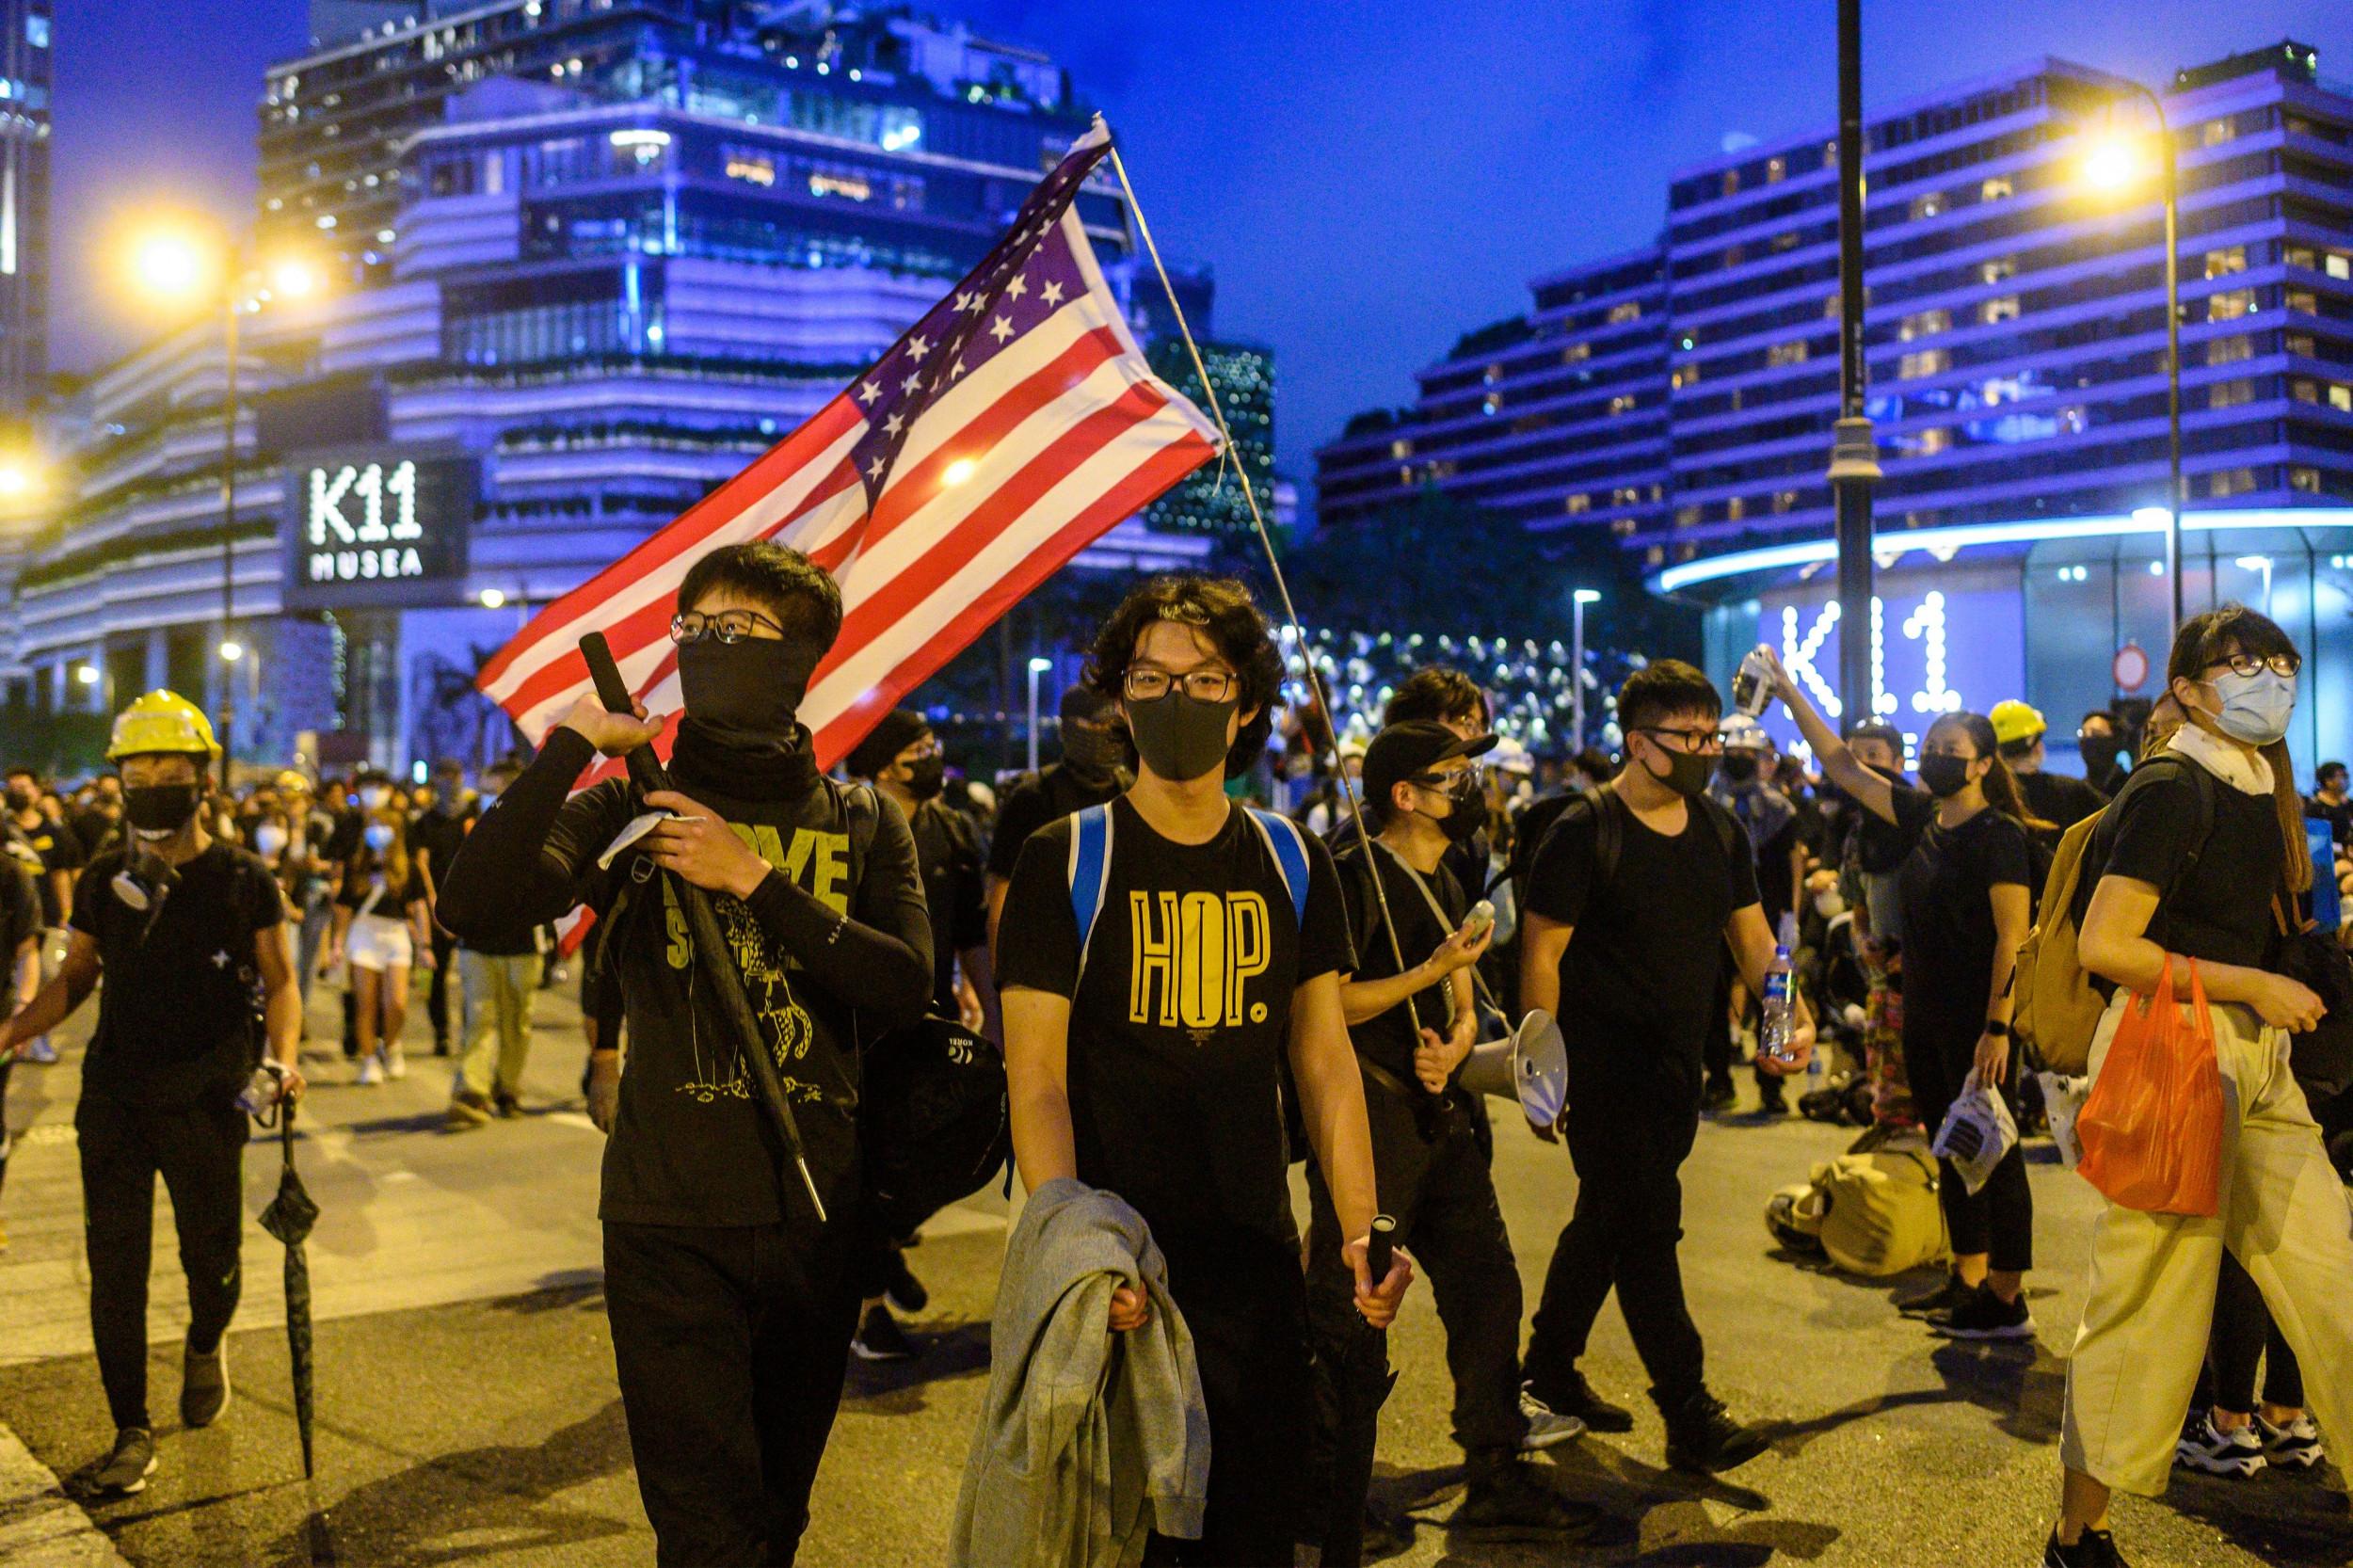 Pendant les manifestations l'an dernier, nombre de jeunes activistes hongkongais n'avaient pas hésité à brandir le drapeau américain dans les rues de la ville, suppliant au passage l'administration de Washington d'adopter le Hong Kong Human Rights and Democracy Act. Cette loi impose des sanctions aux responsables chinois jugés coupables de violations des droits de l'homme dans l'ex-colonie britannique, mais aussi de revoir le régime spécial des relations économiques accordé à Hong Kong, en cas de changement de système politique. (Source : Newsweek)